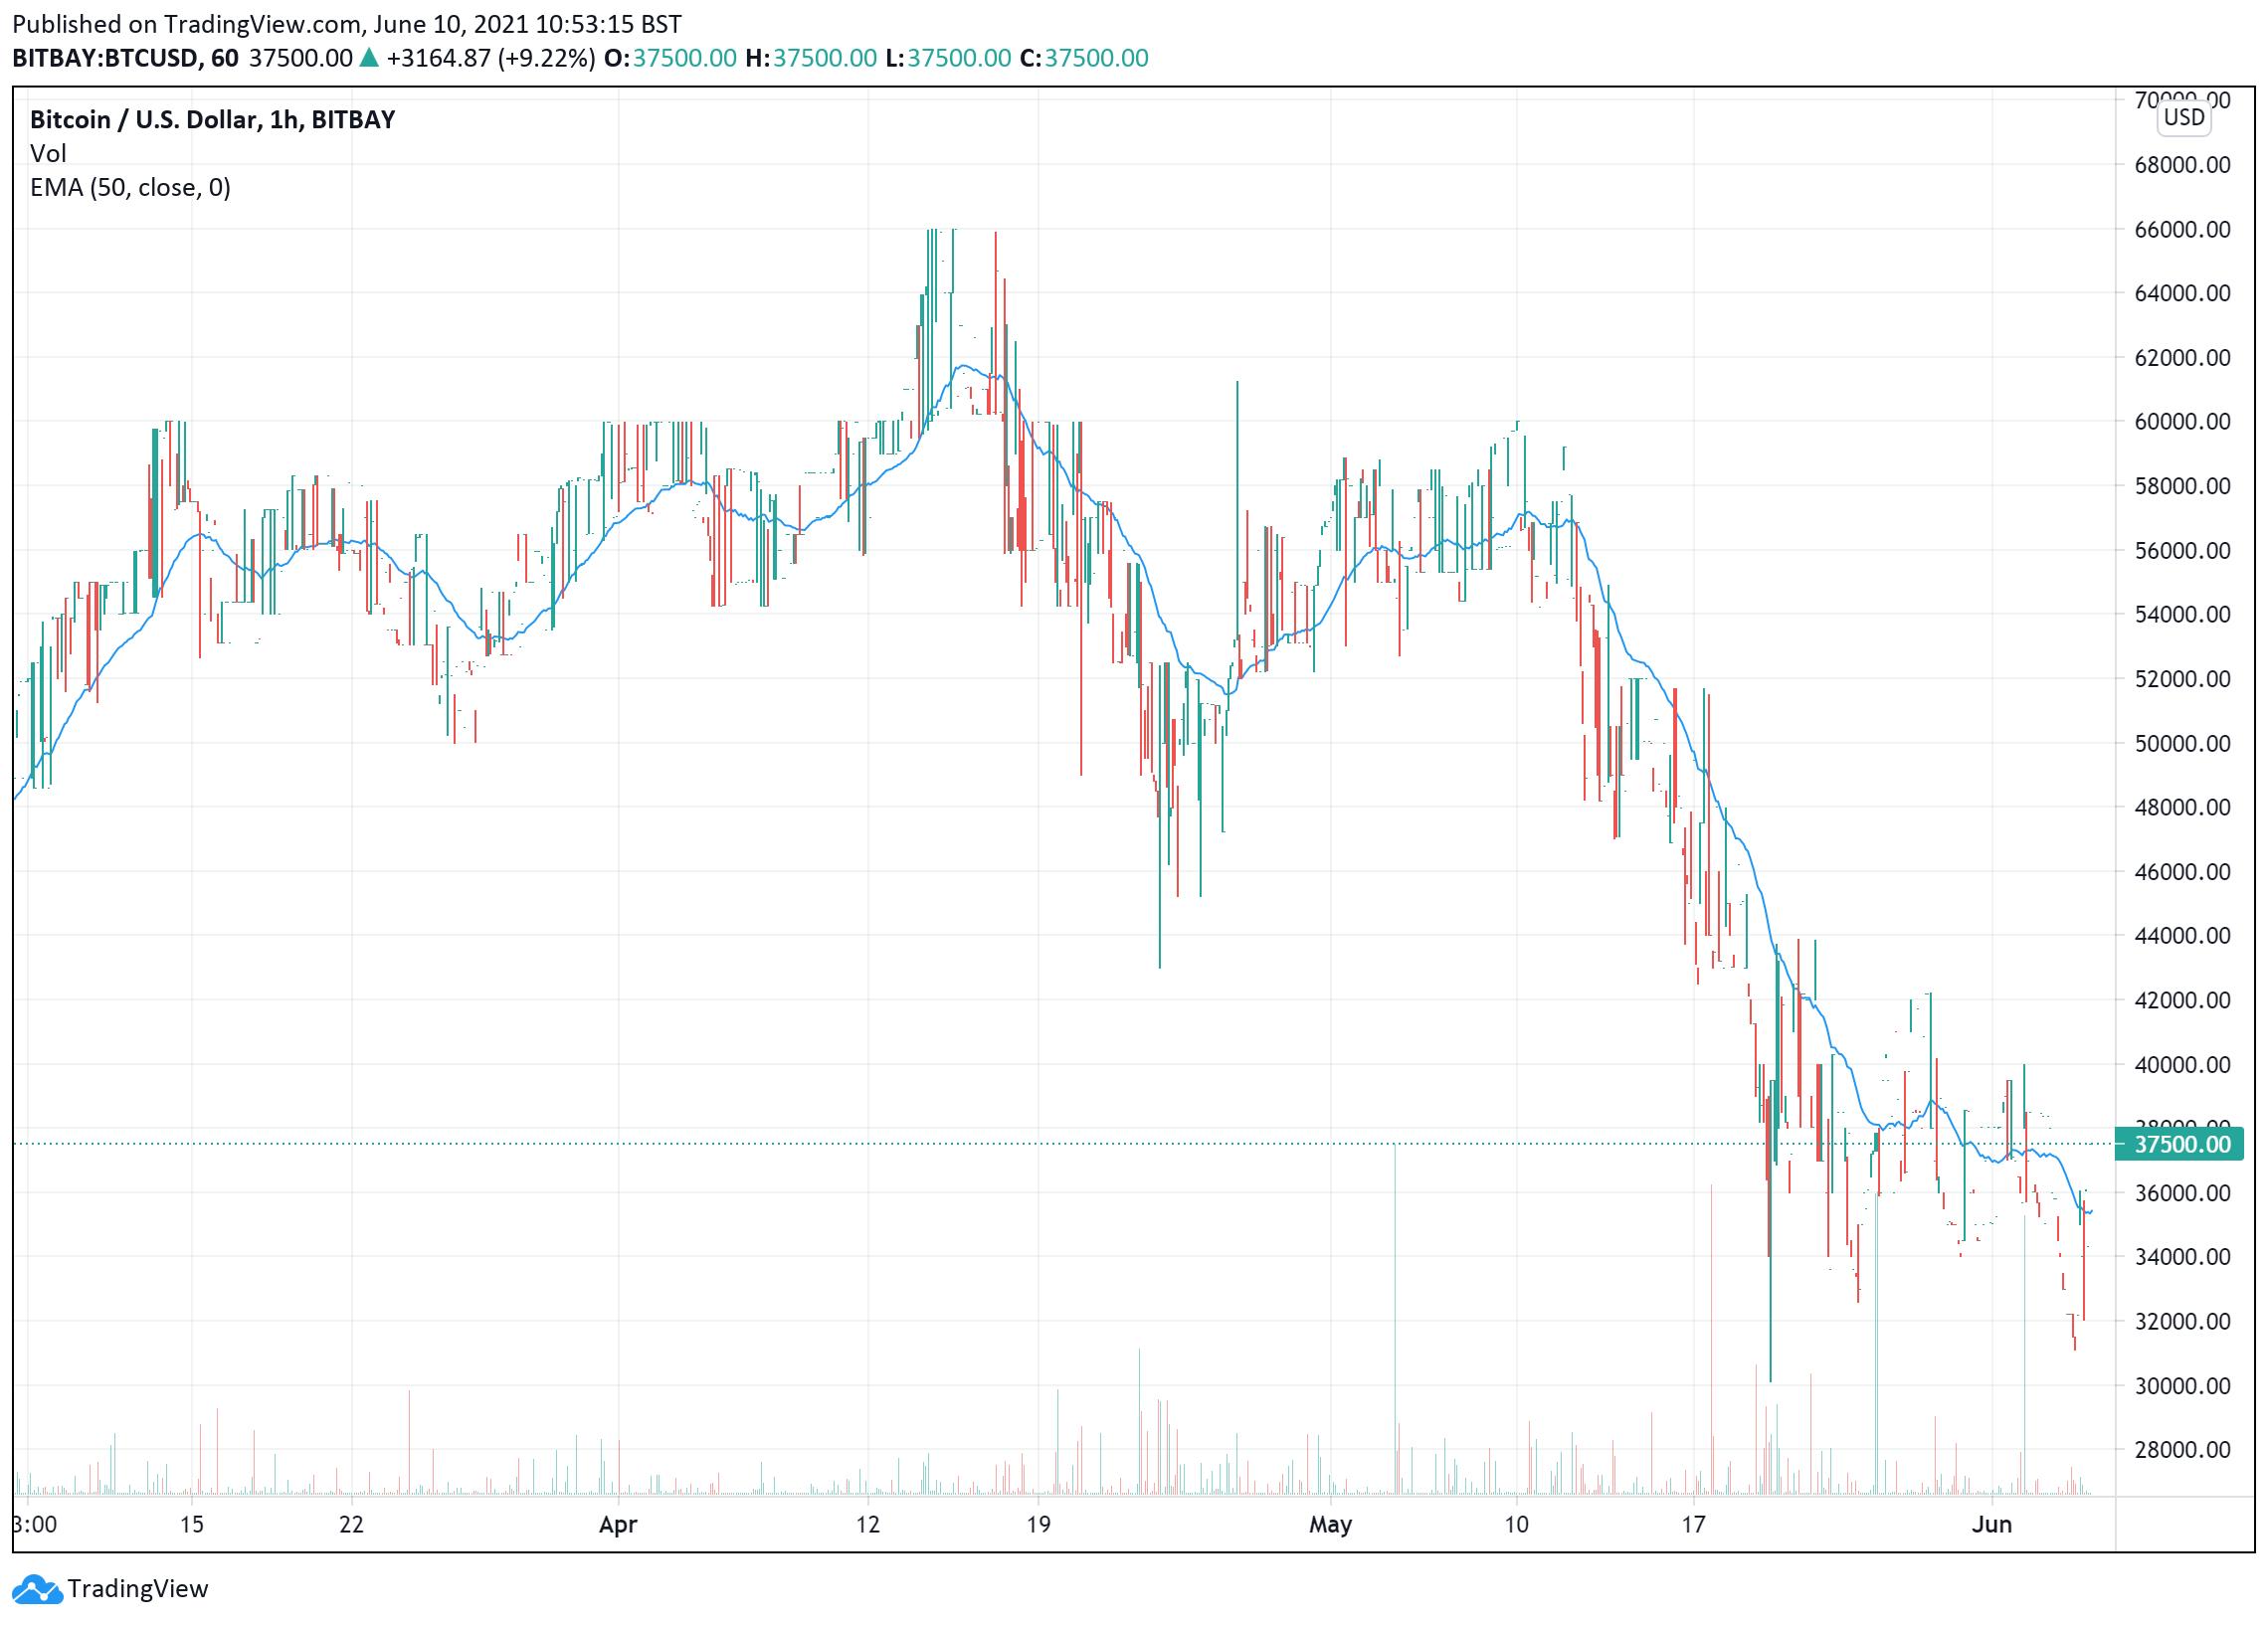 Bitcoin price chart June 10